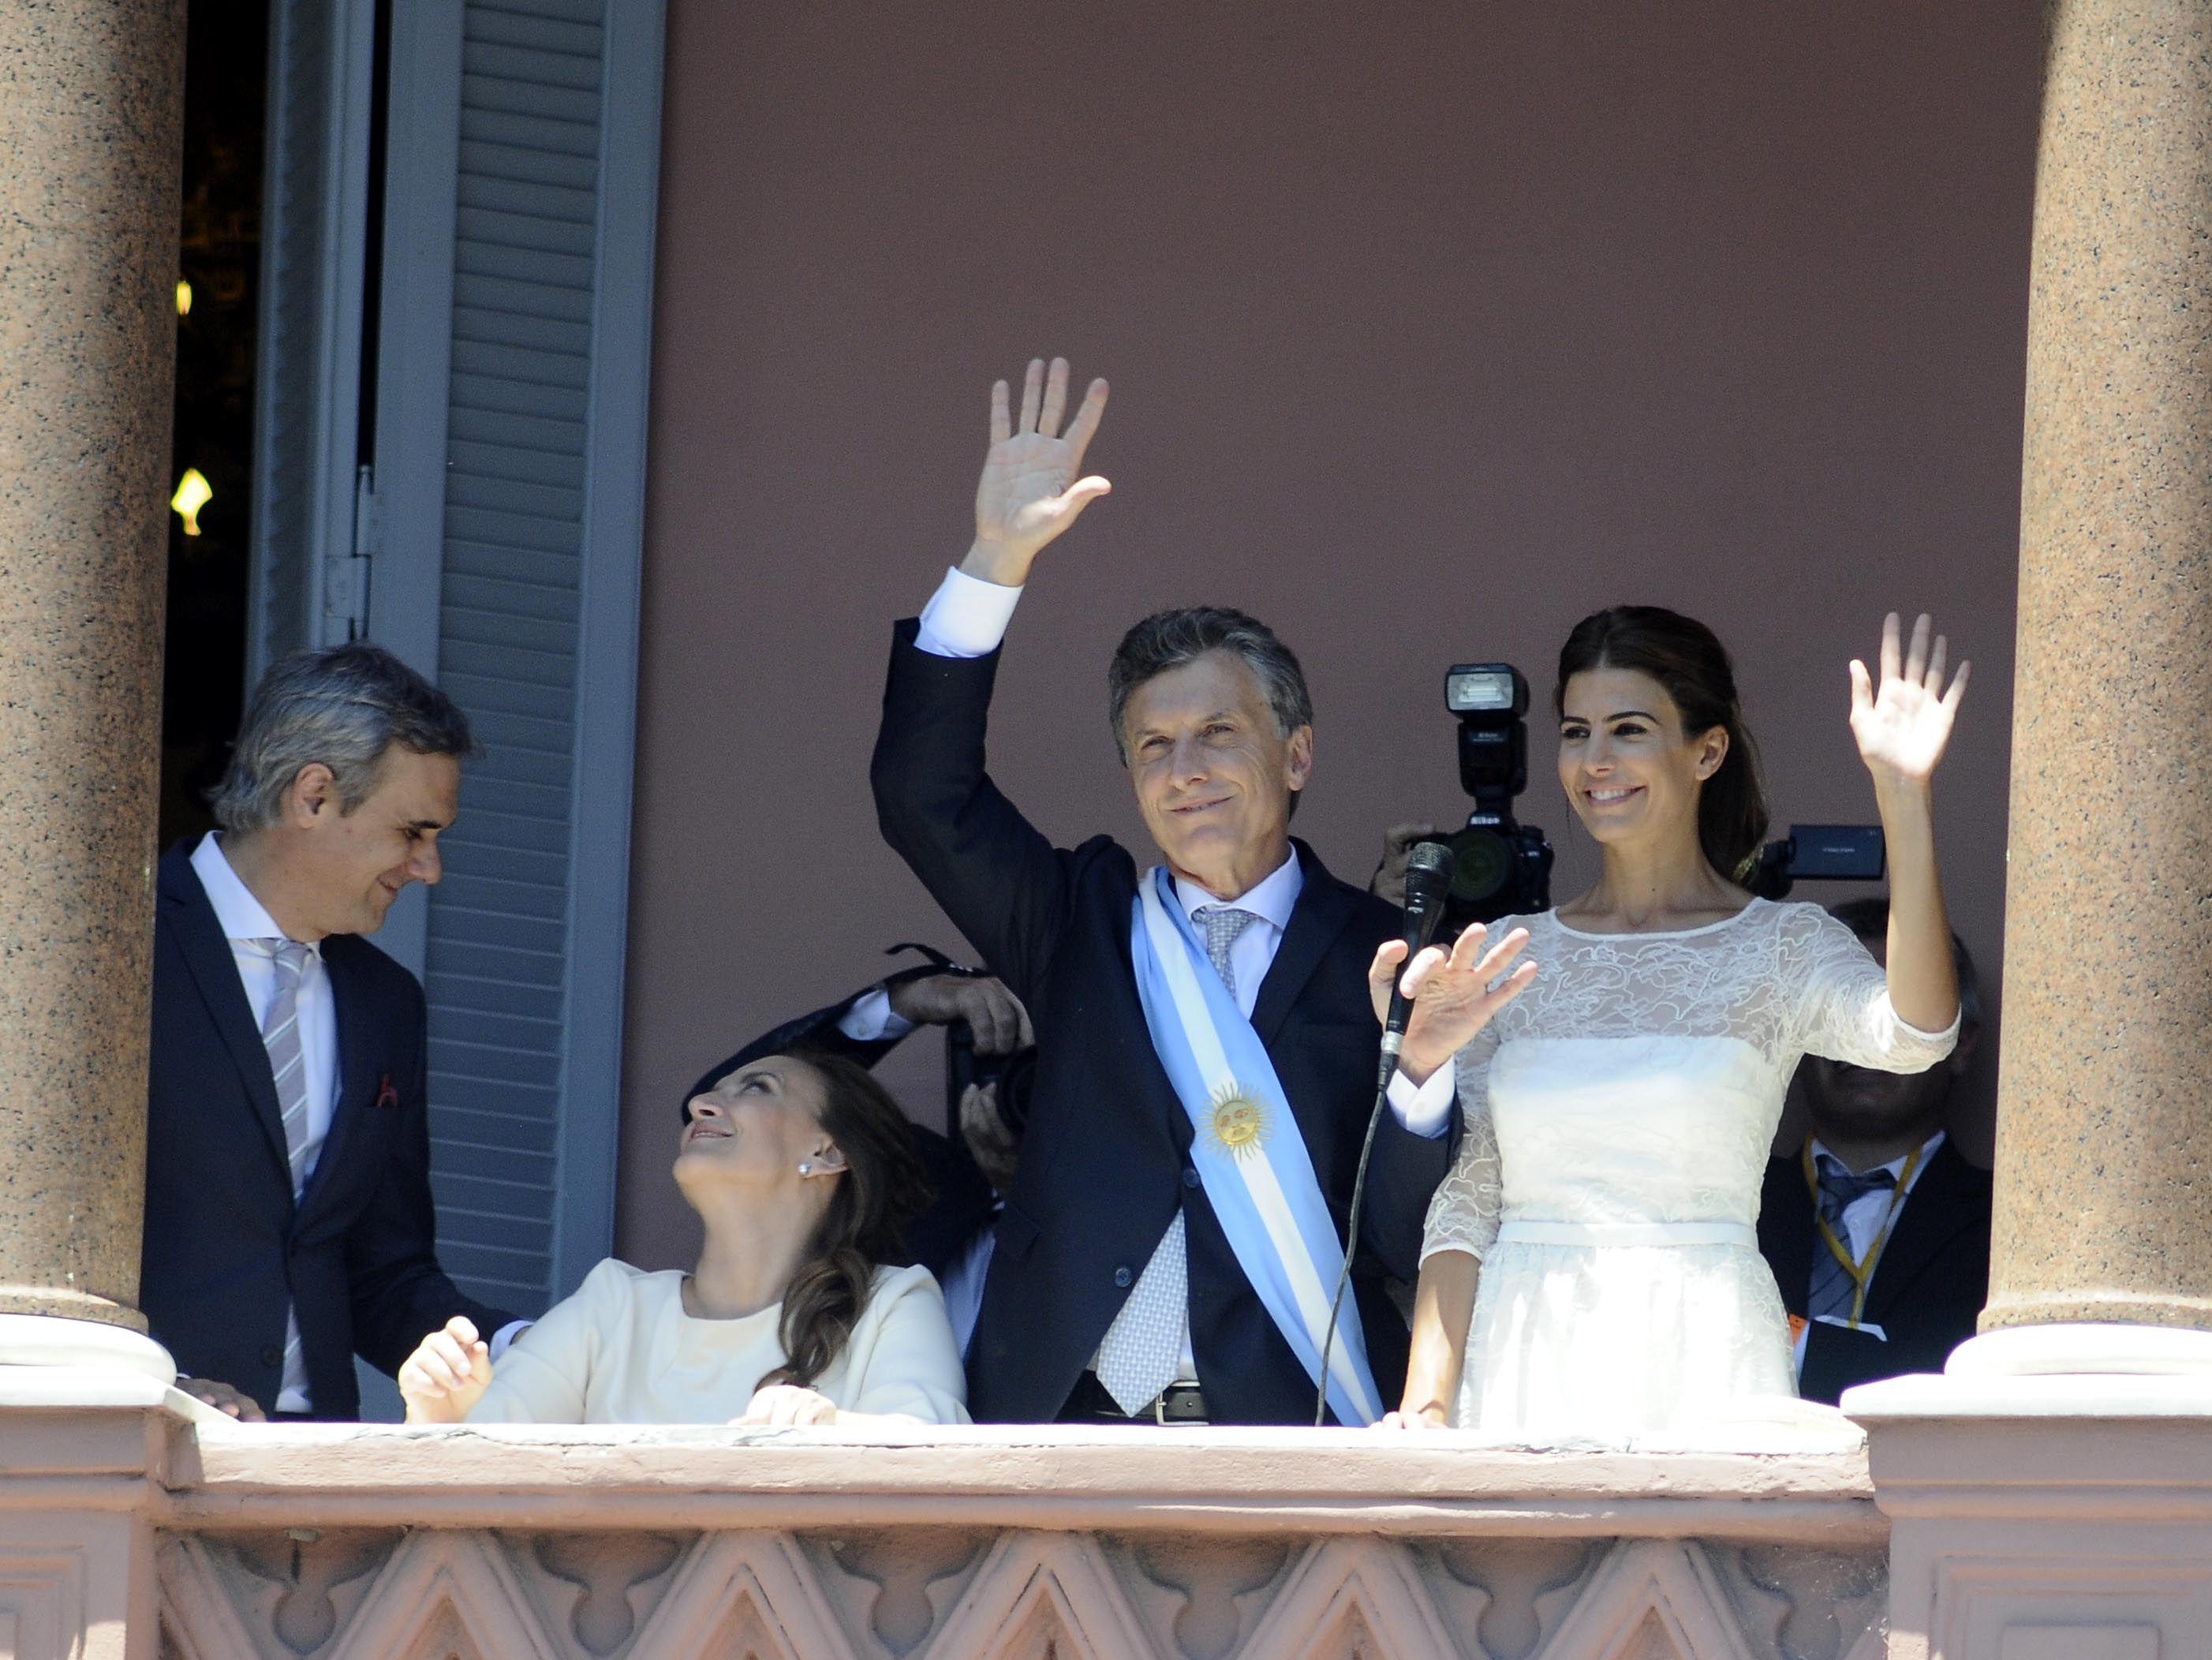 Macri tomó los atributos y se mostró eufórico en el balcón de la Casa Rosada